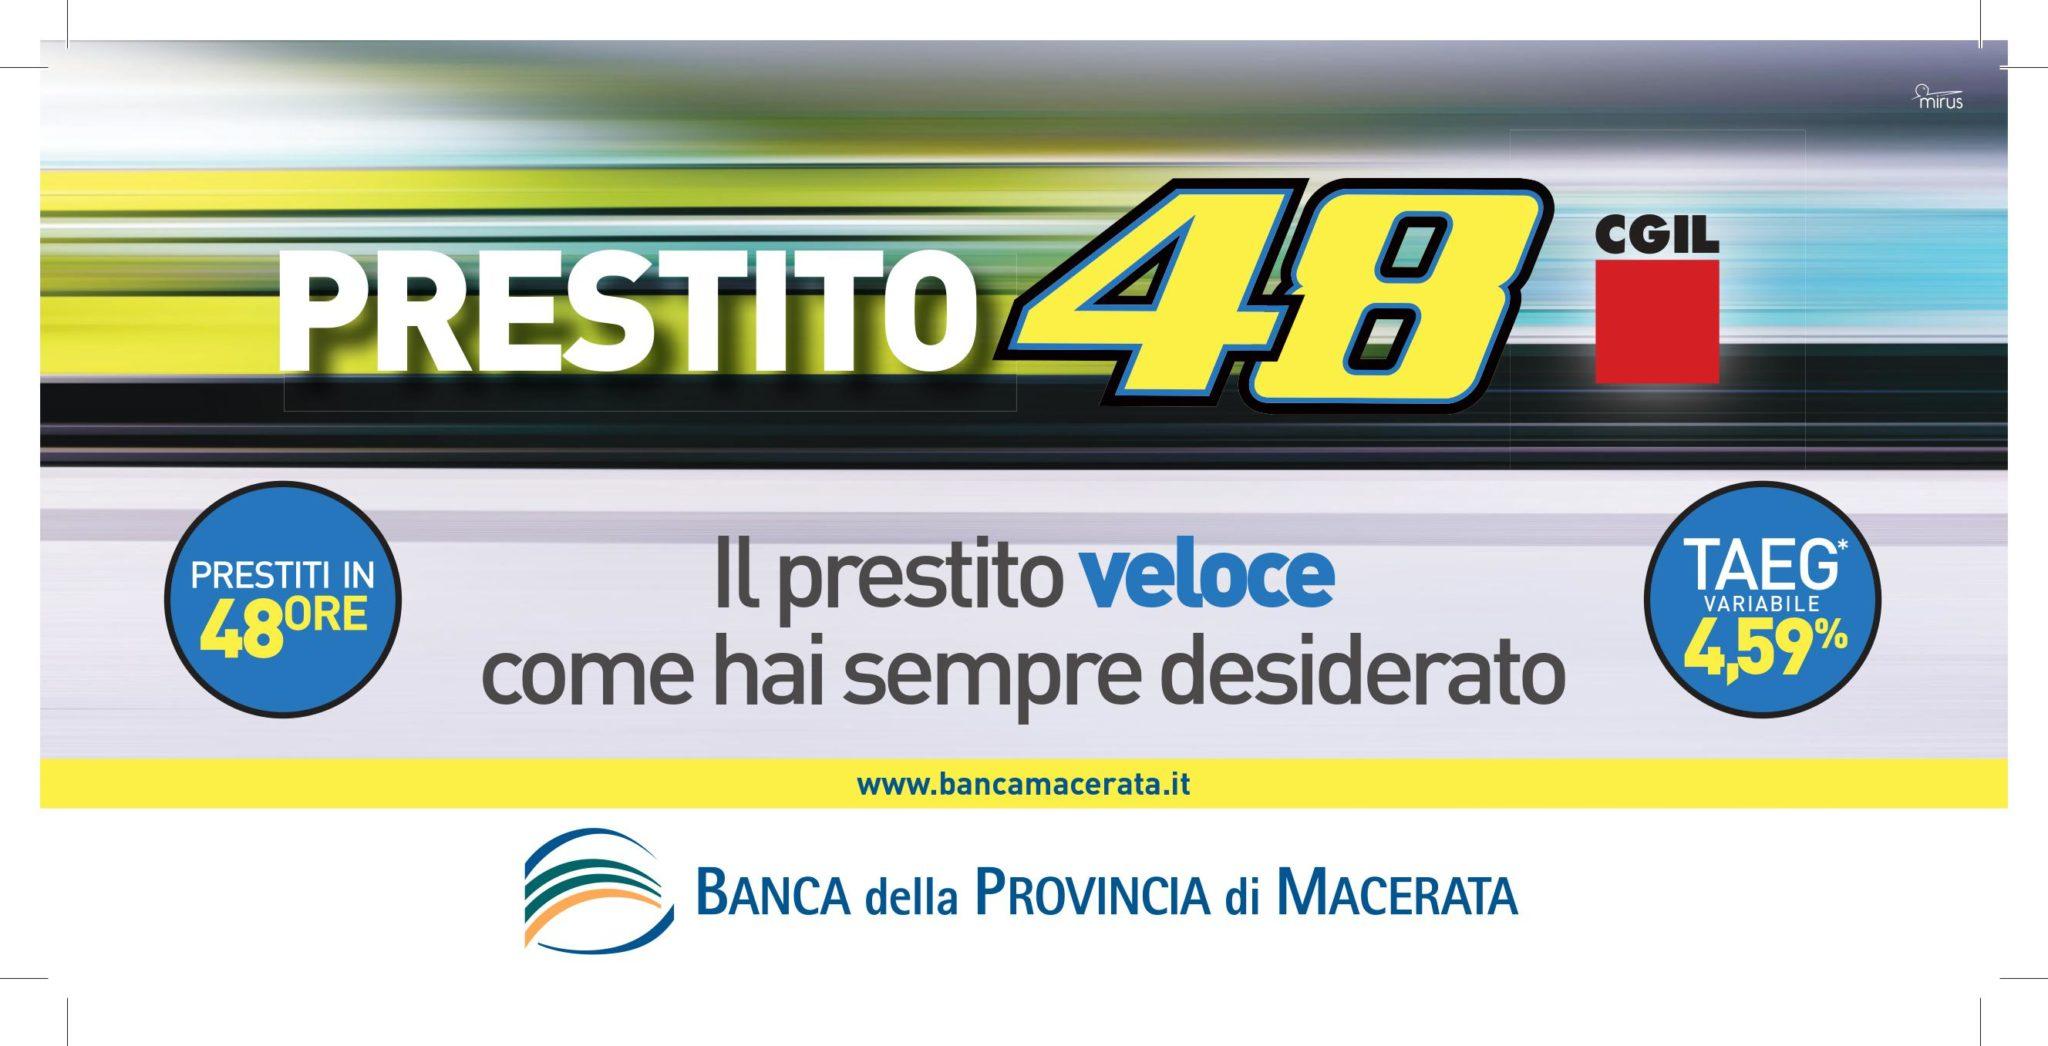 Prestito 48